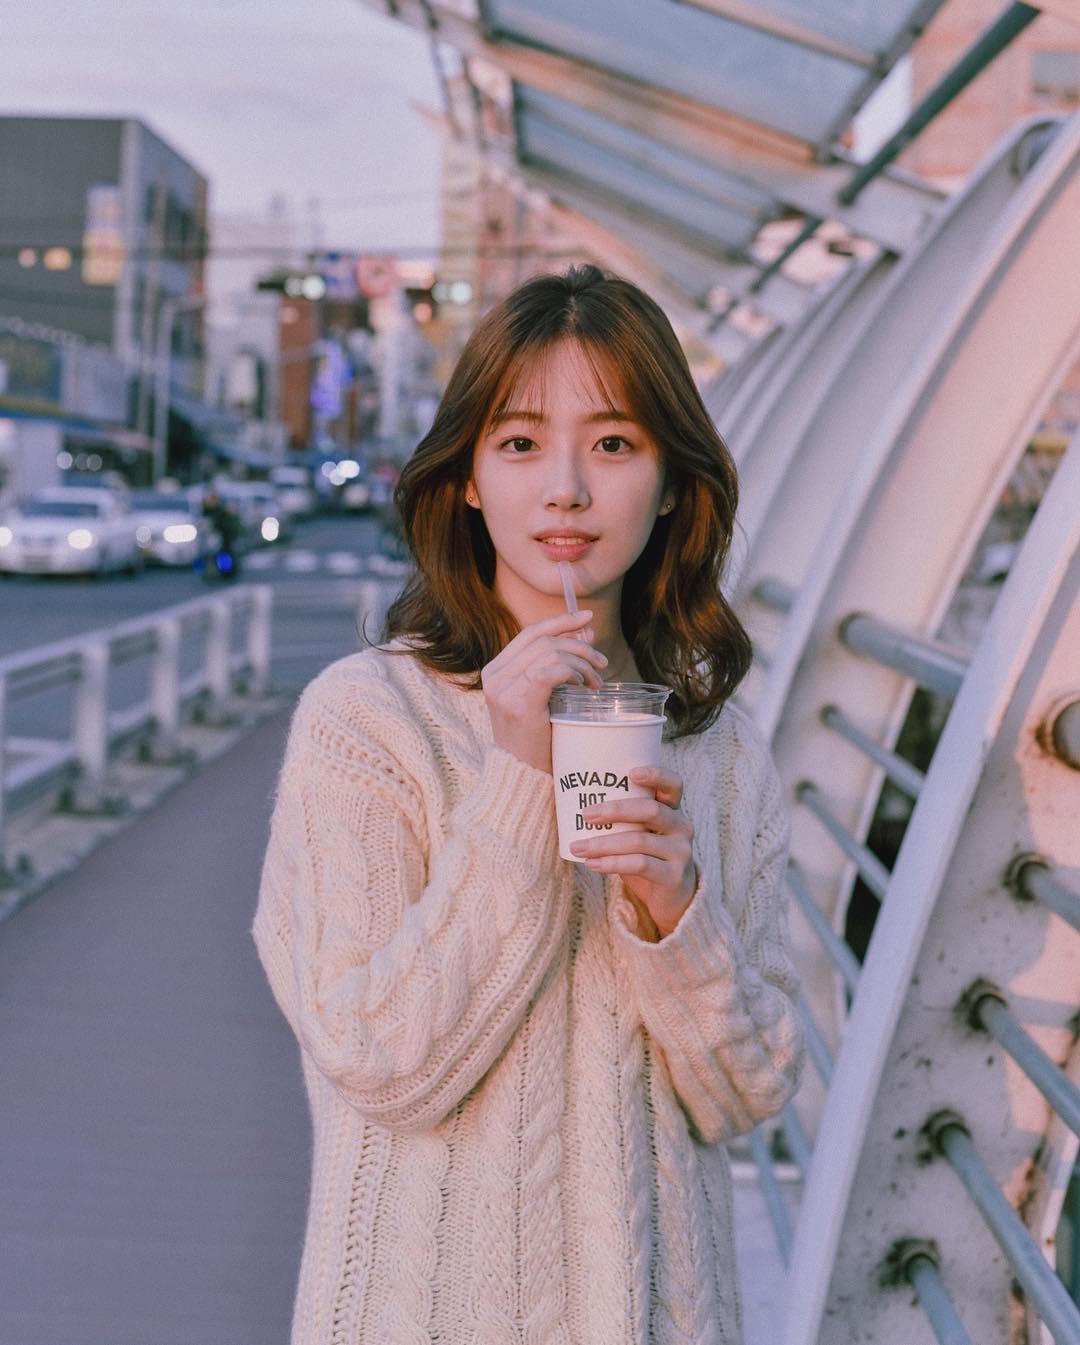 秀智+雪莉+雪莉?因为明星脸这位韩国大学生爆红,进军演艺圈指日可待!插图8